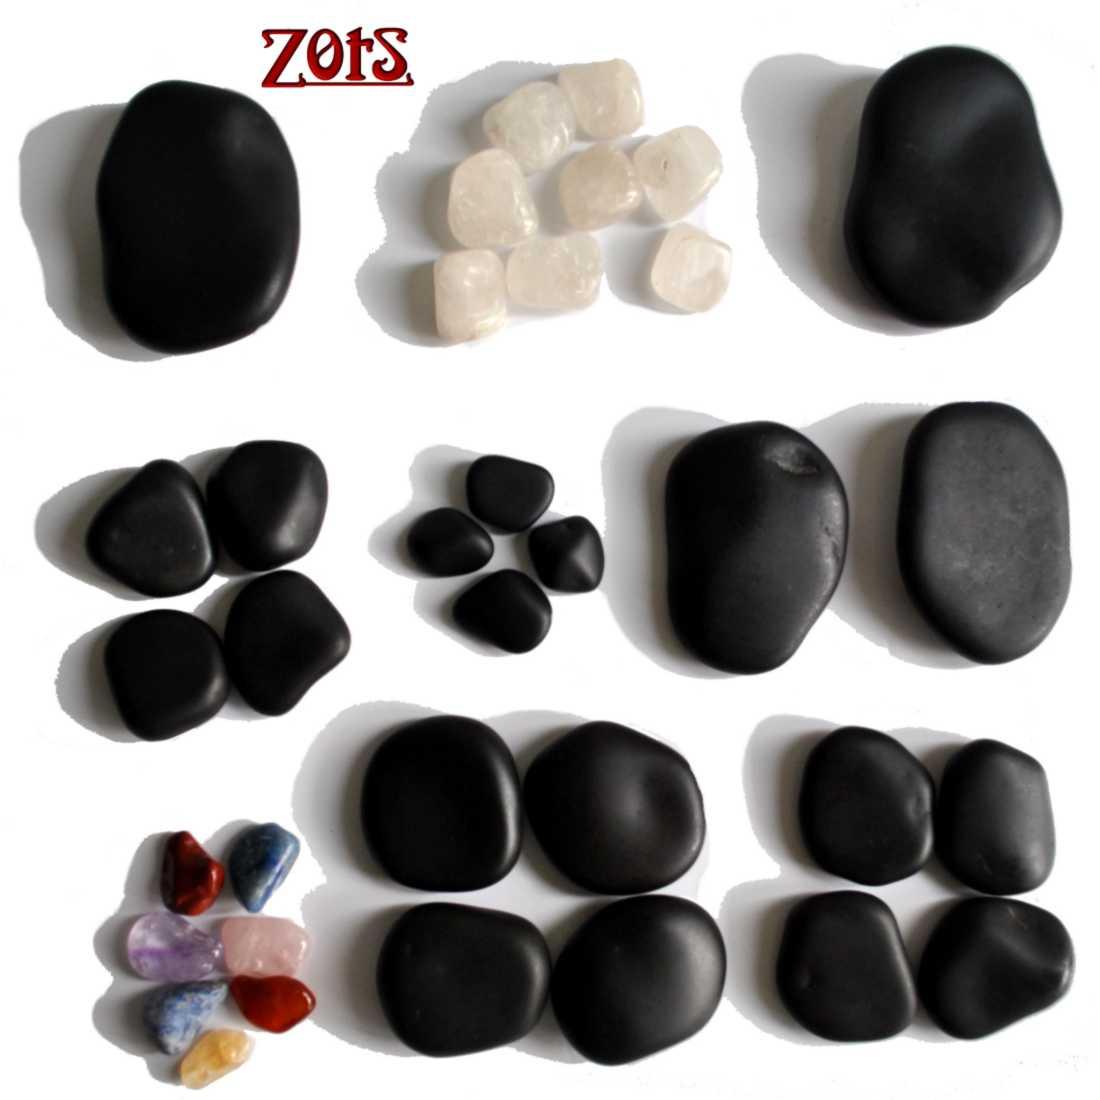 Kit 35 Pedras Quentes Basalto Vulcânico